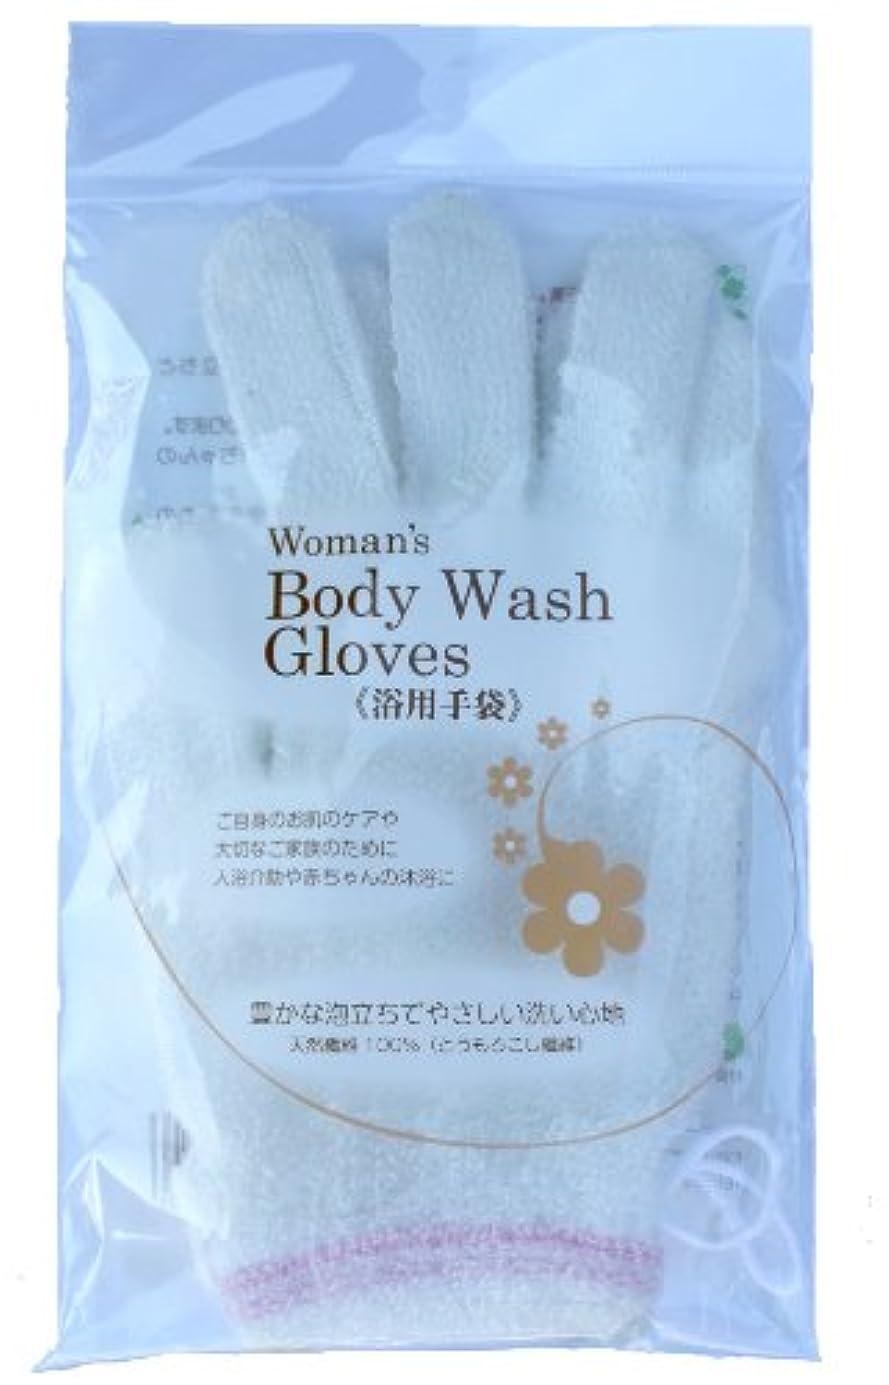 交換頼む系譜エフケー工業 Body Wash Gloves (浴用手袋)